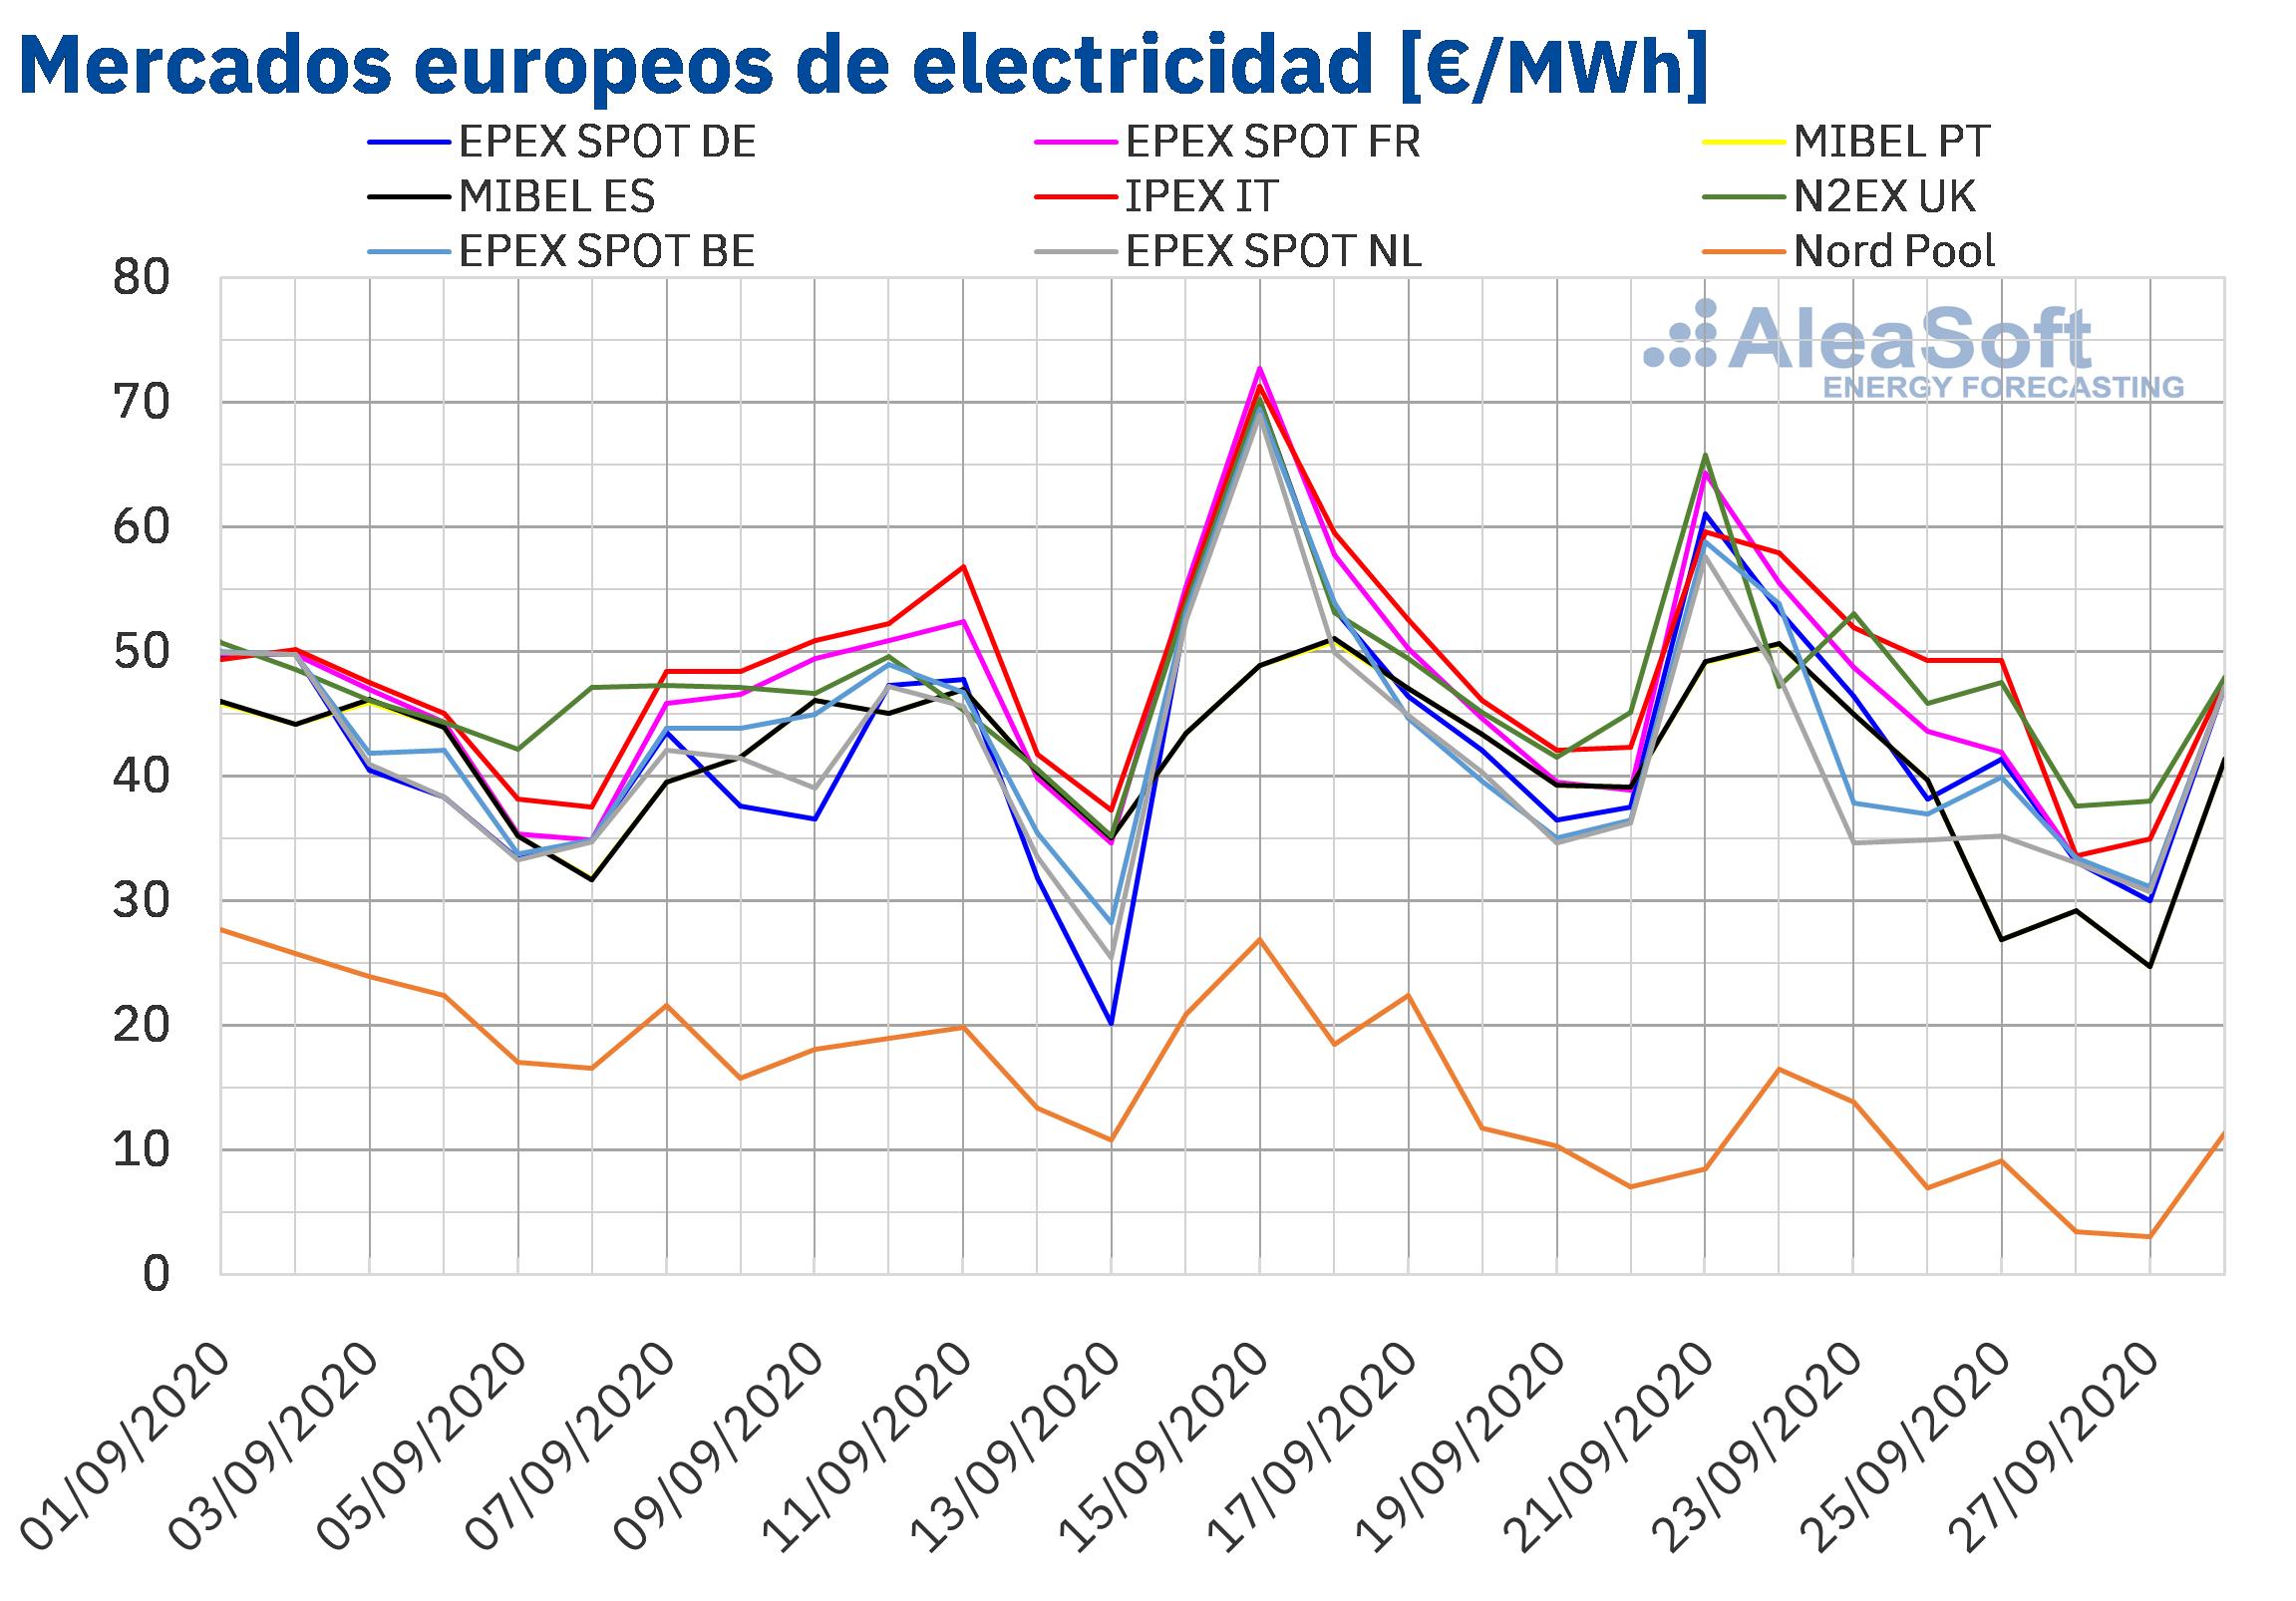 alt - https://static.comunicae.com/photos/notas/1218139/1601300690_20200928_AleaSoft_Precios_mercados_europeos_electricidad.png